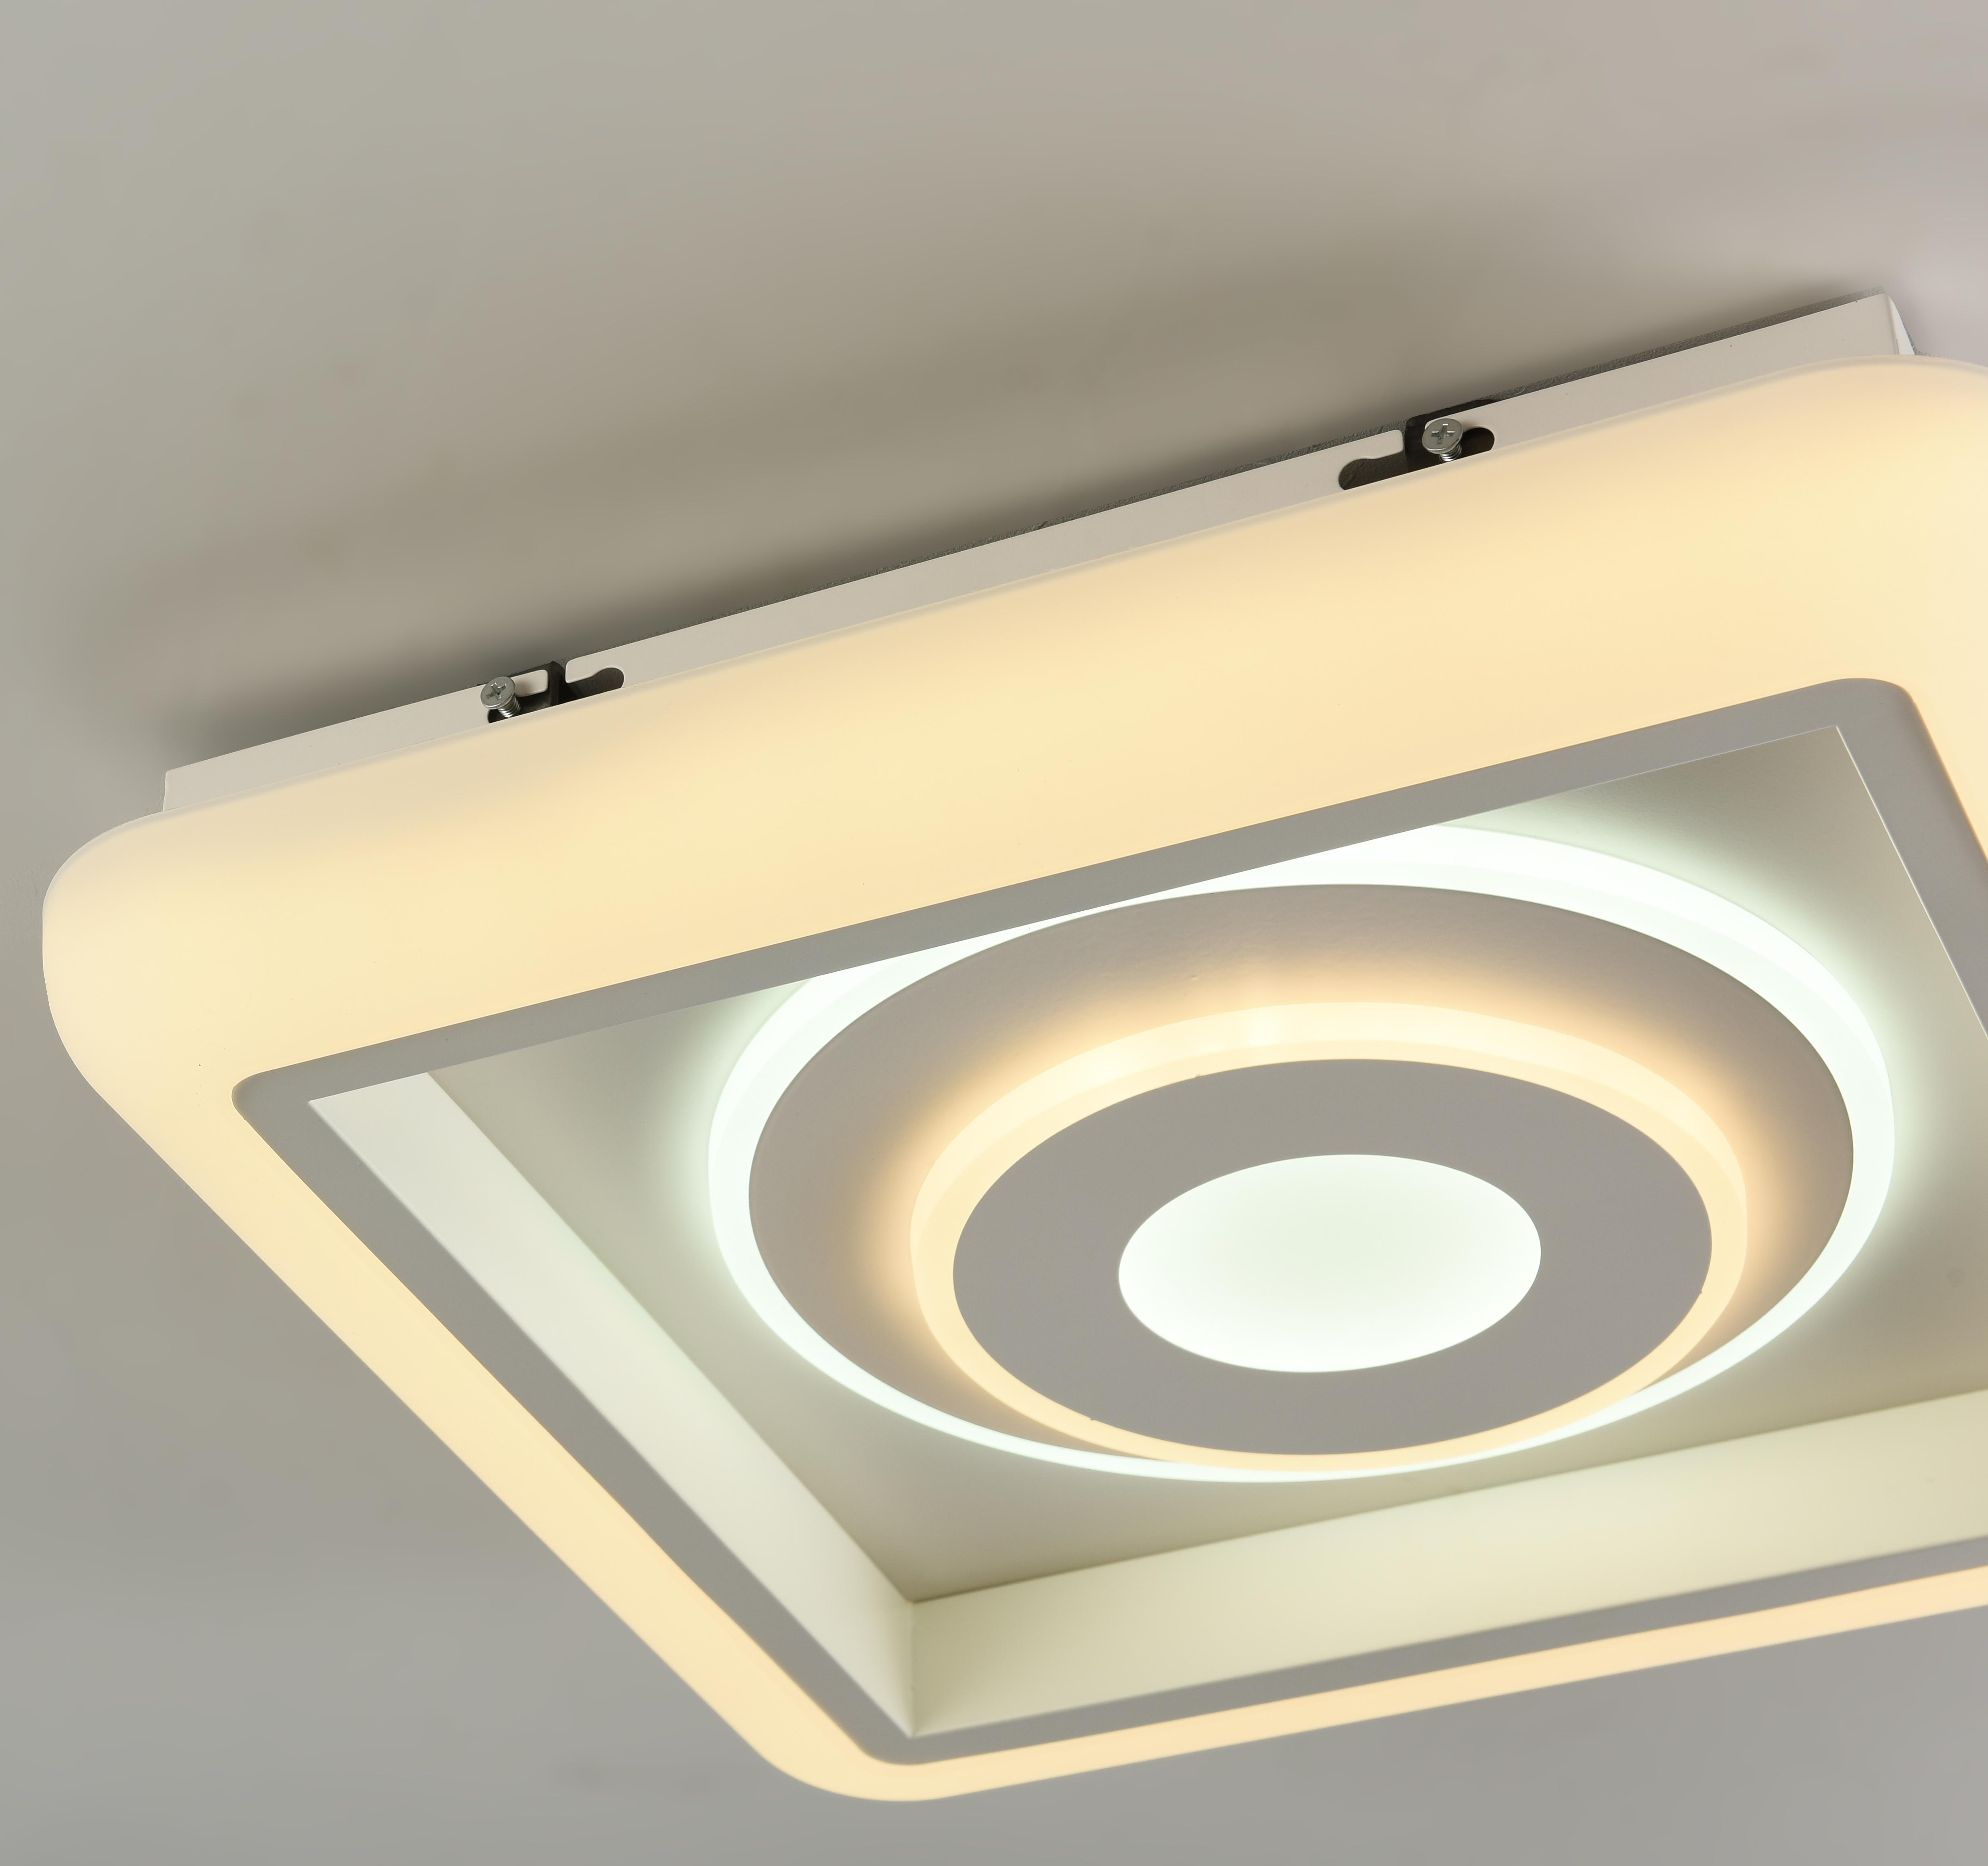 Потолочный светильник с пультом ДУ Favourite F-Promo LEDolution 2283-5C 3000-6400K, белый, металл, пластик - фото 2